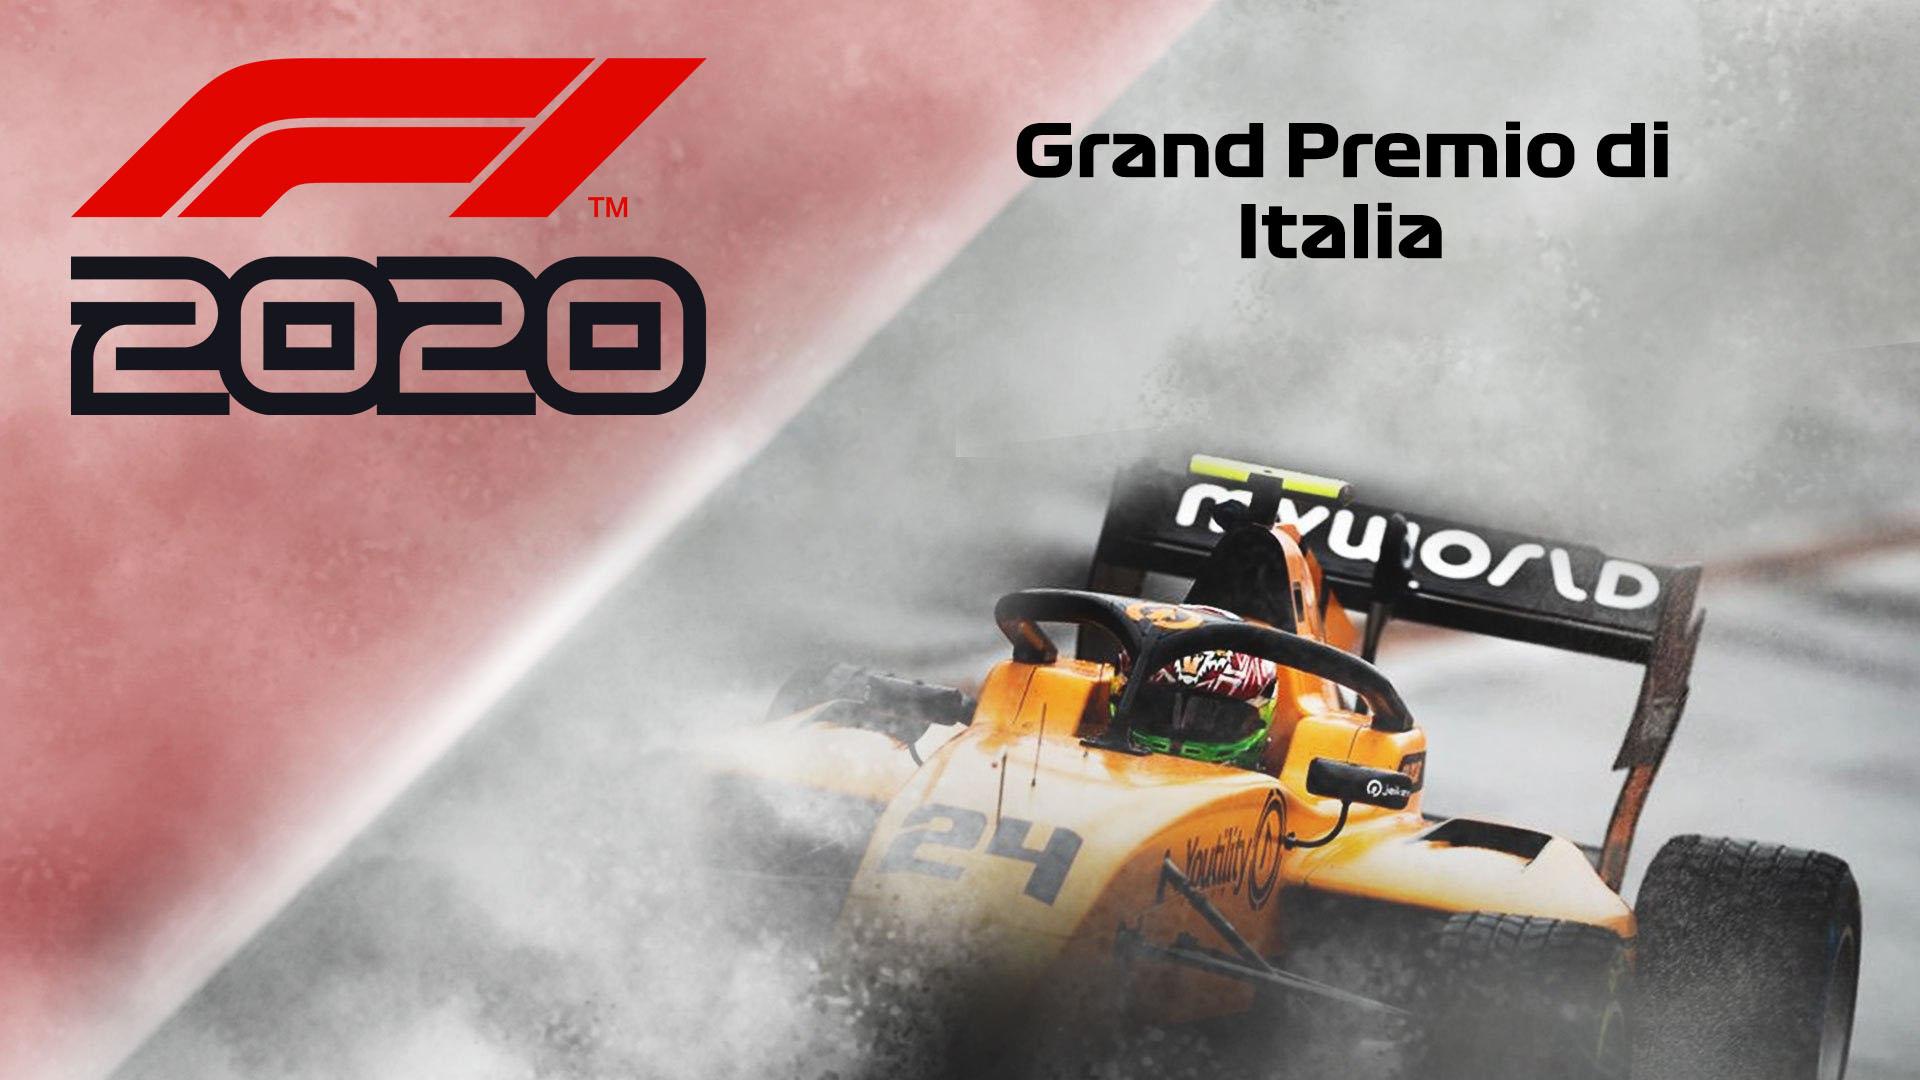 F1, GP d'Italia 2020: dove vedere la gara in TV e streaming